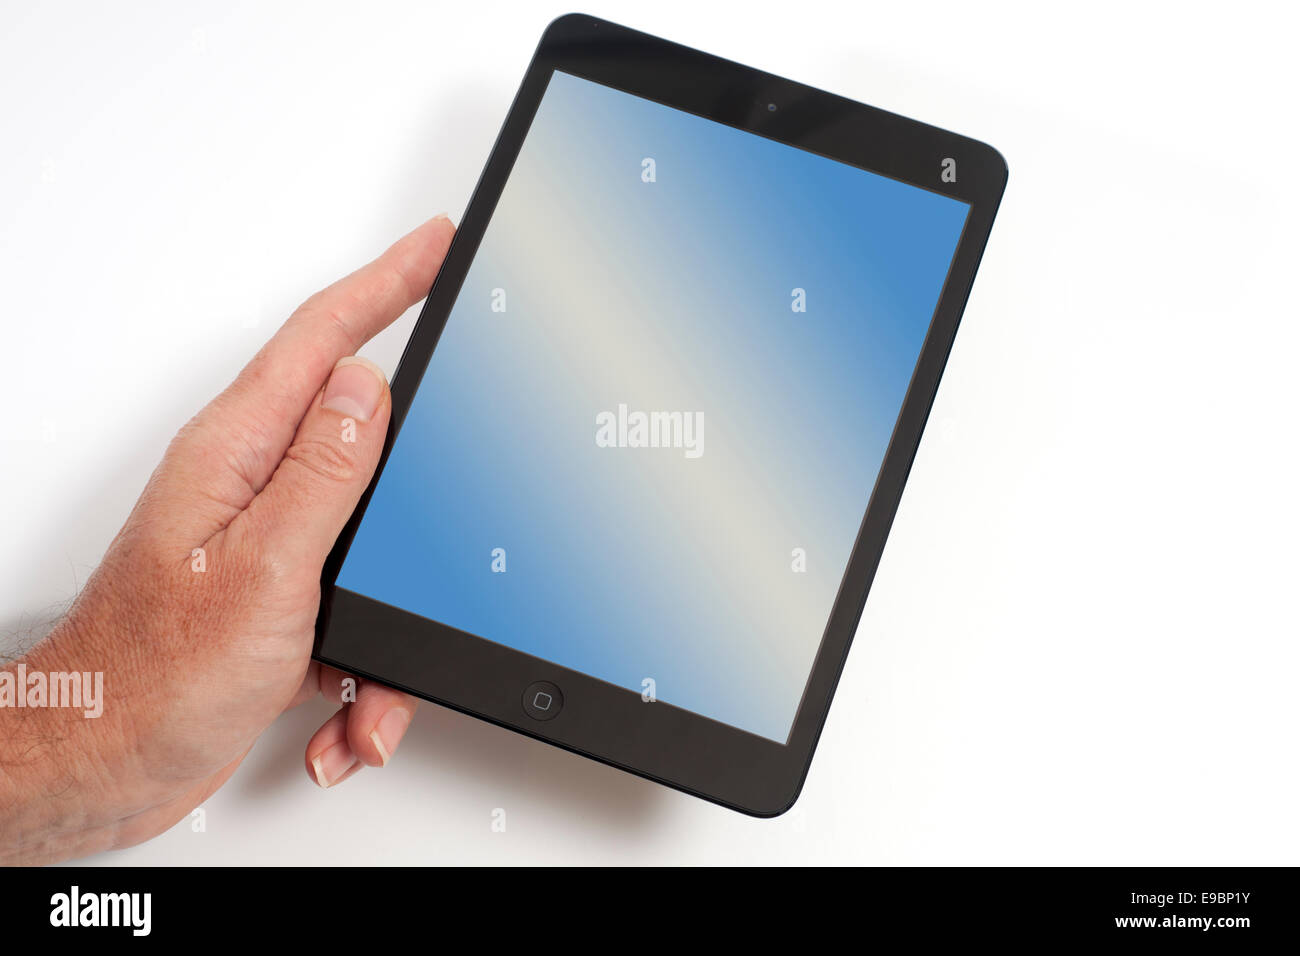 Ipad mini graduado con una pantalla en blanco. Imagen De Stock